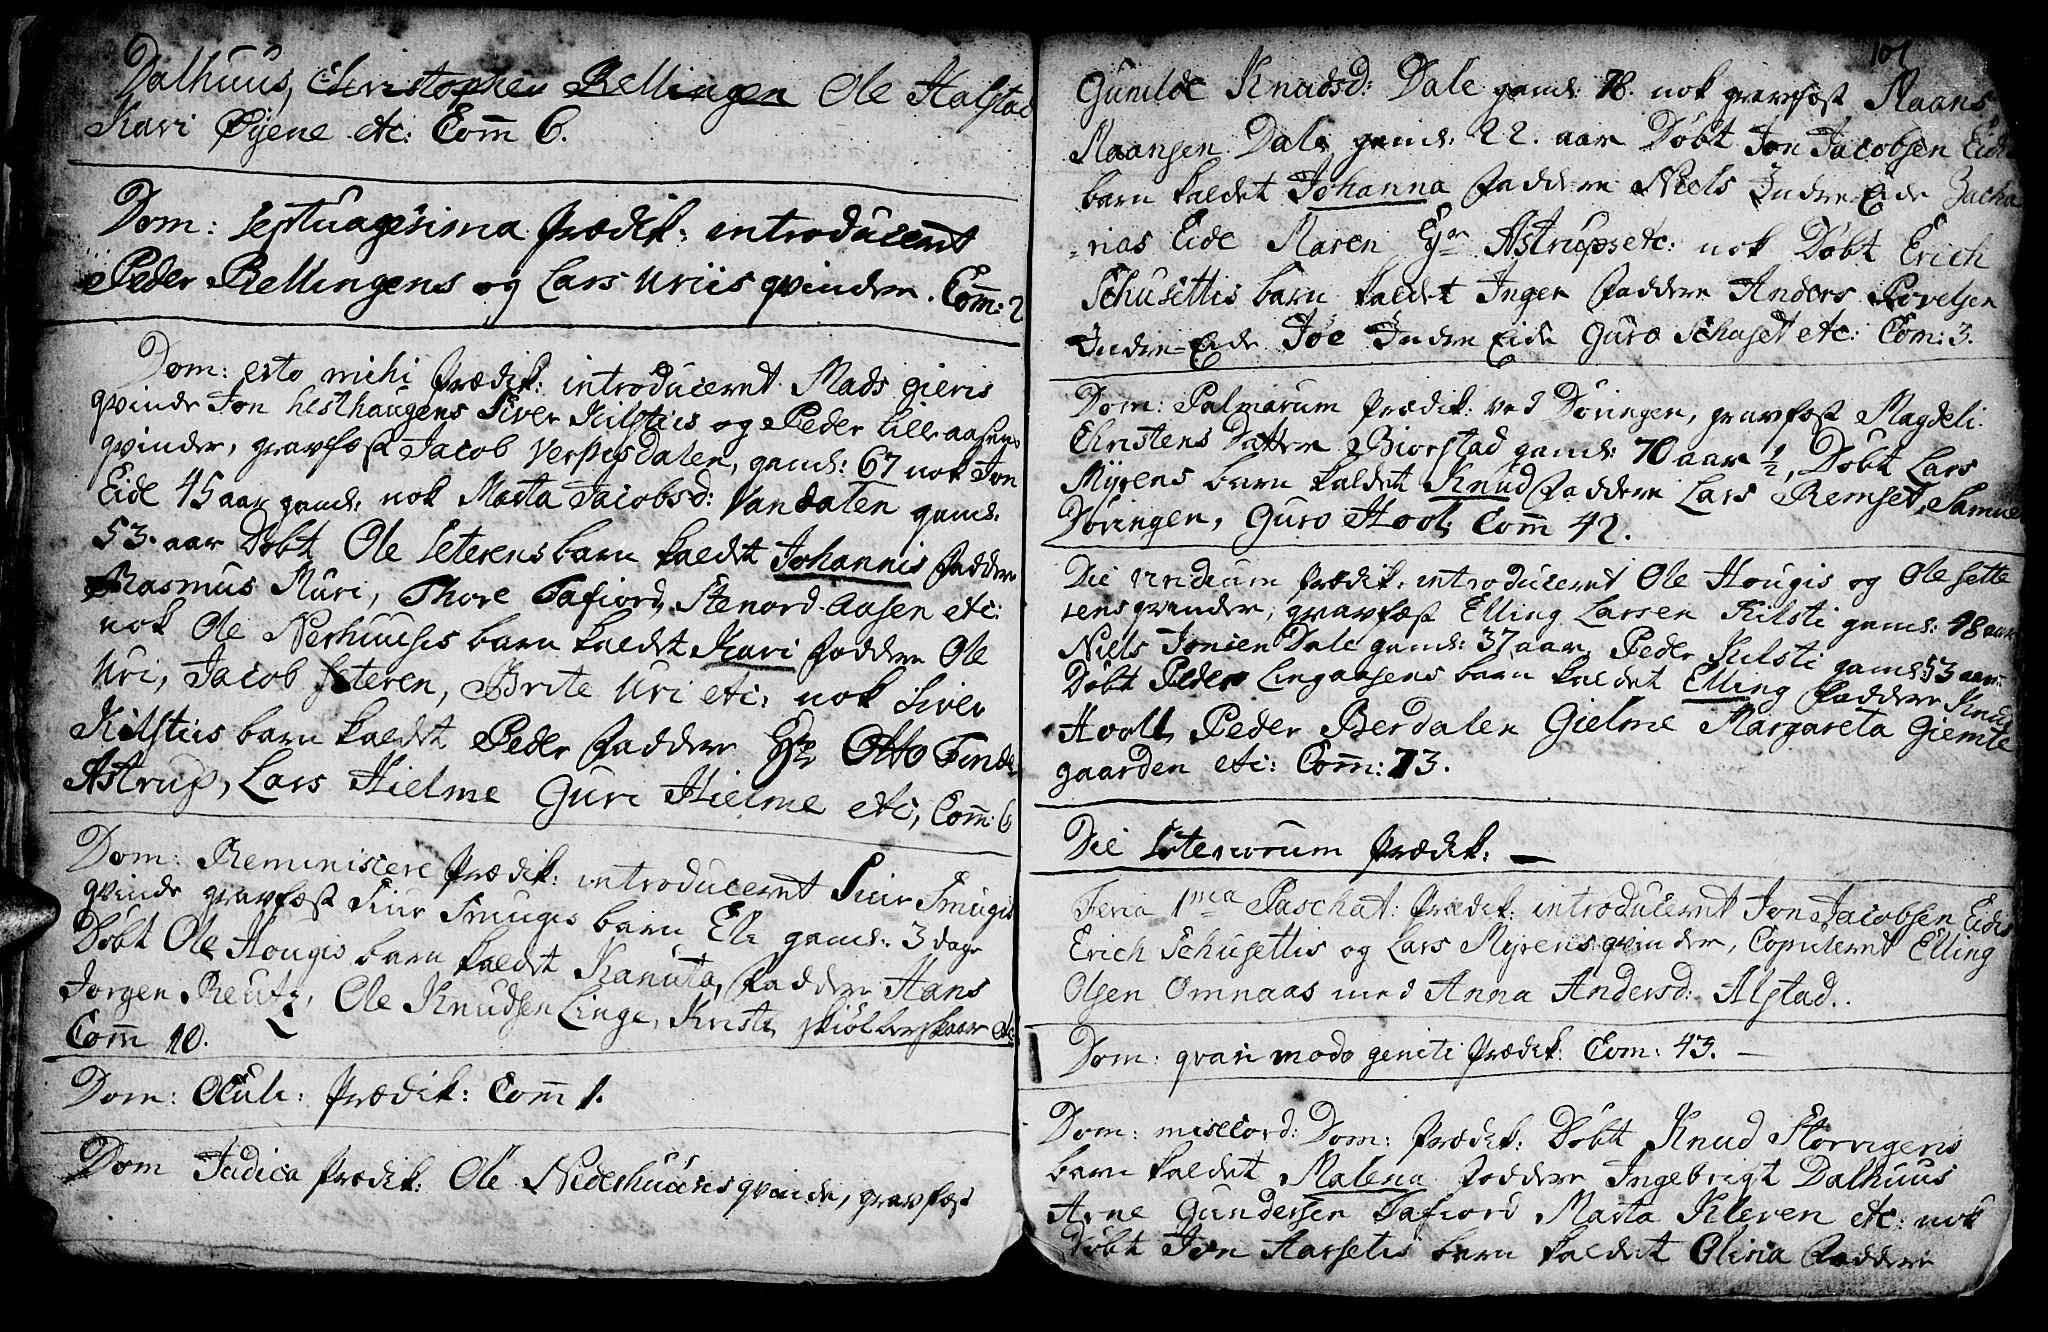 SAT, Ministerialprotokoller, klokkerbøker og fødselsregistre - Møre og Romsdal, 519/L0240: Ministerialbok nr. 519A01 /1, 1736-1760, s. 101